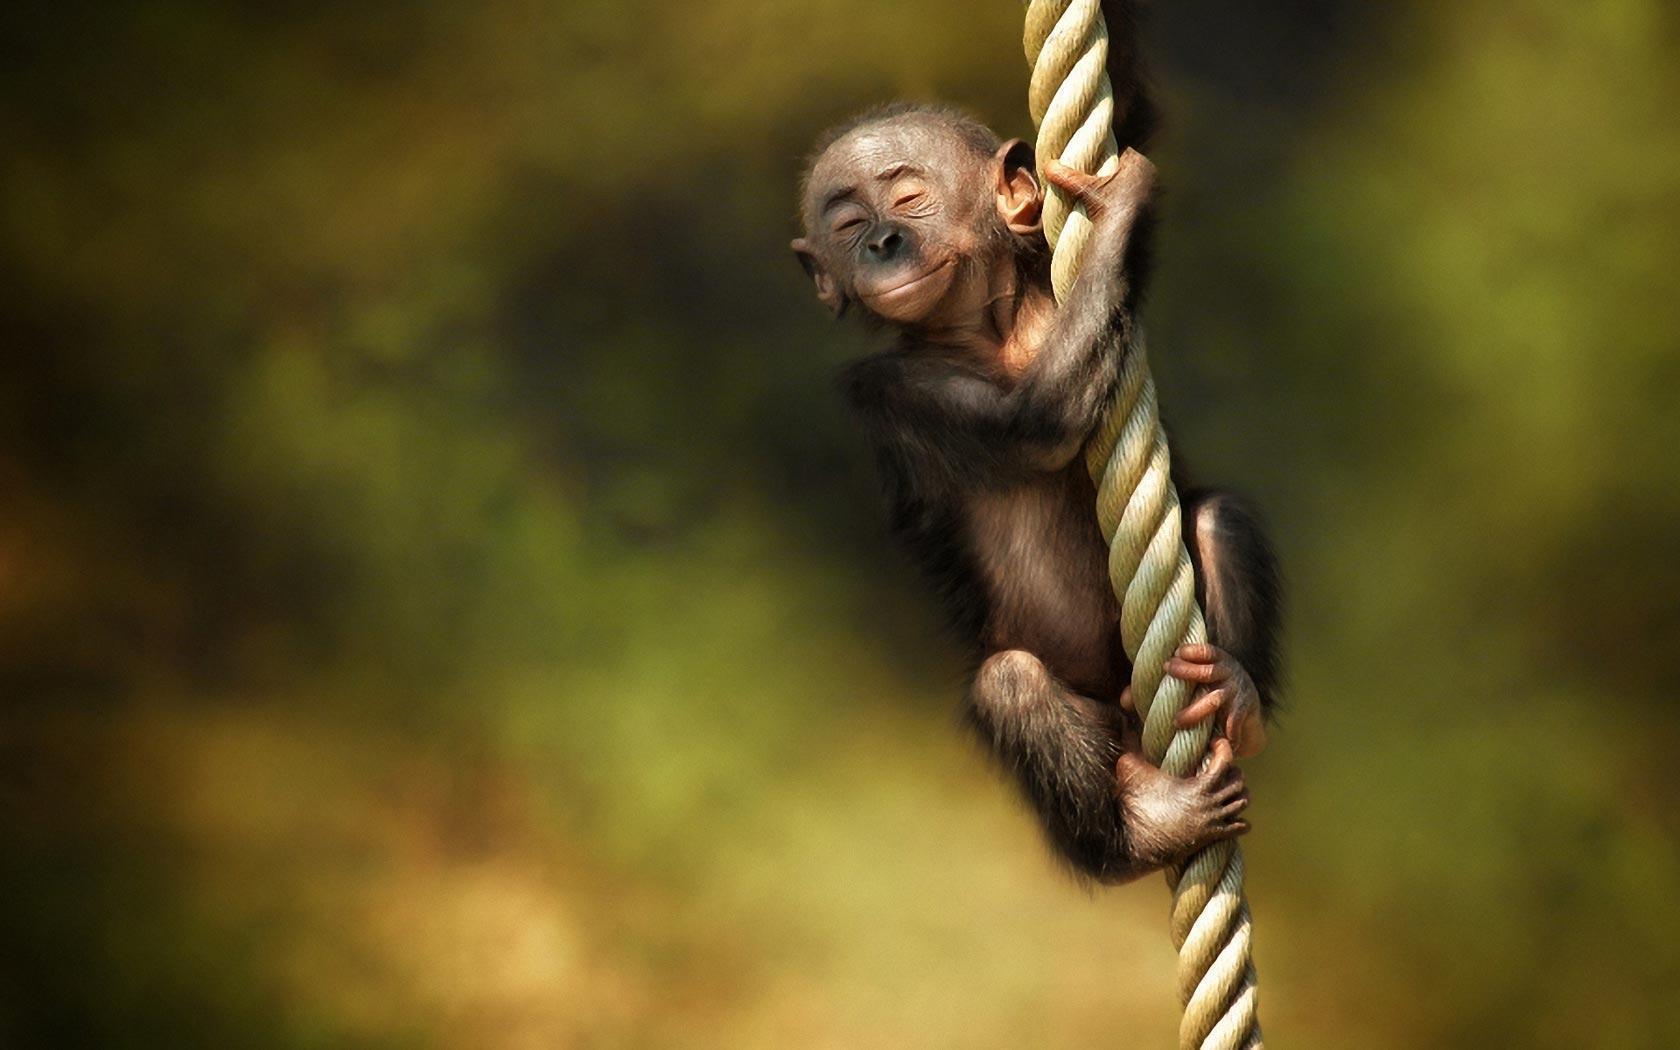 Monkey Wallpapers HD